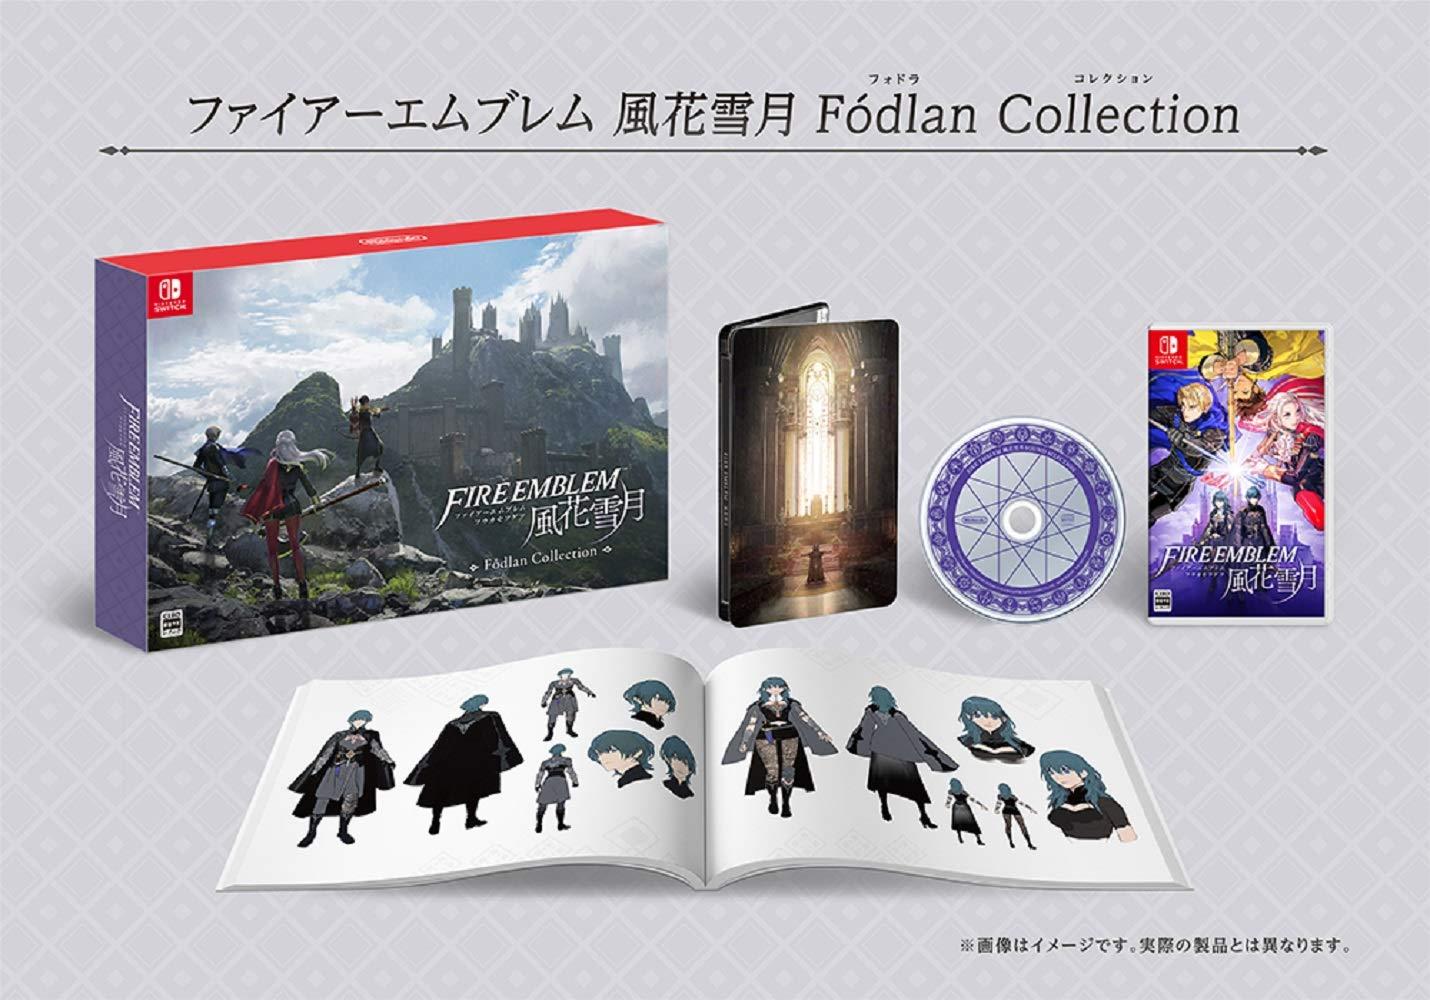 ファイアーエムブレム 風花雪月 Fódlan Collection -Switch 【Amazon.co.jp限定】オリジナルパノラマ色紙 付